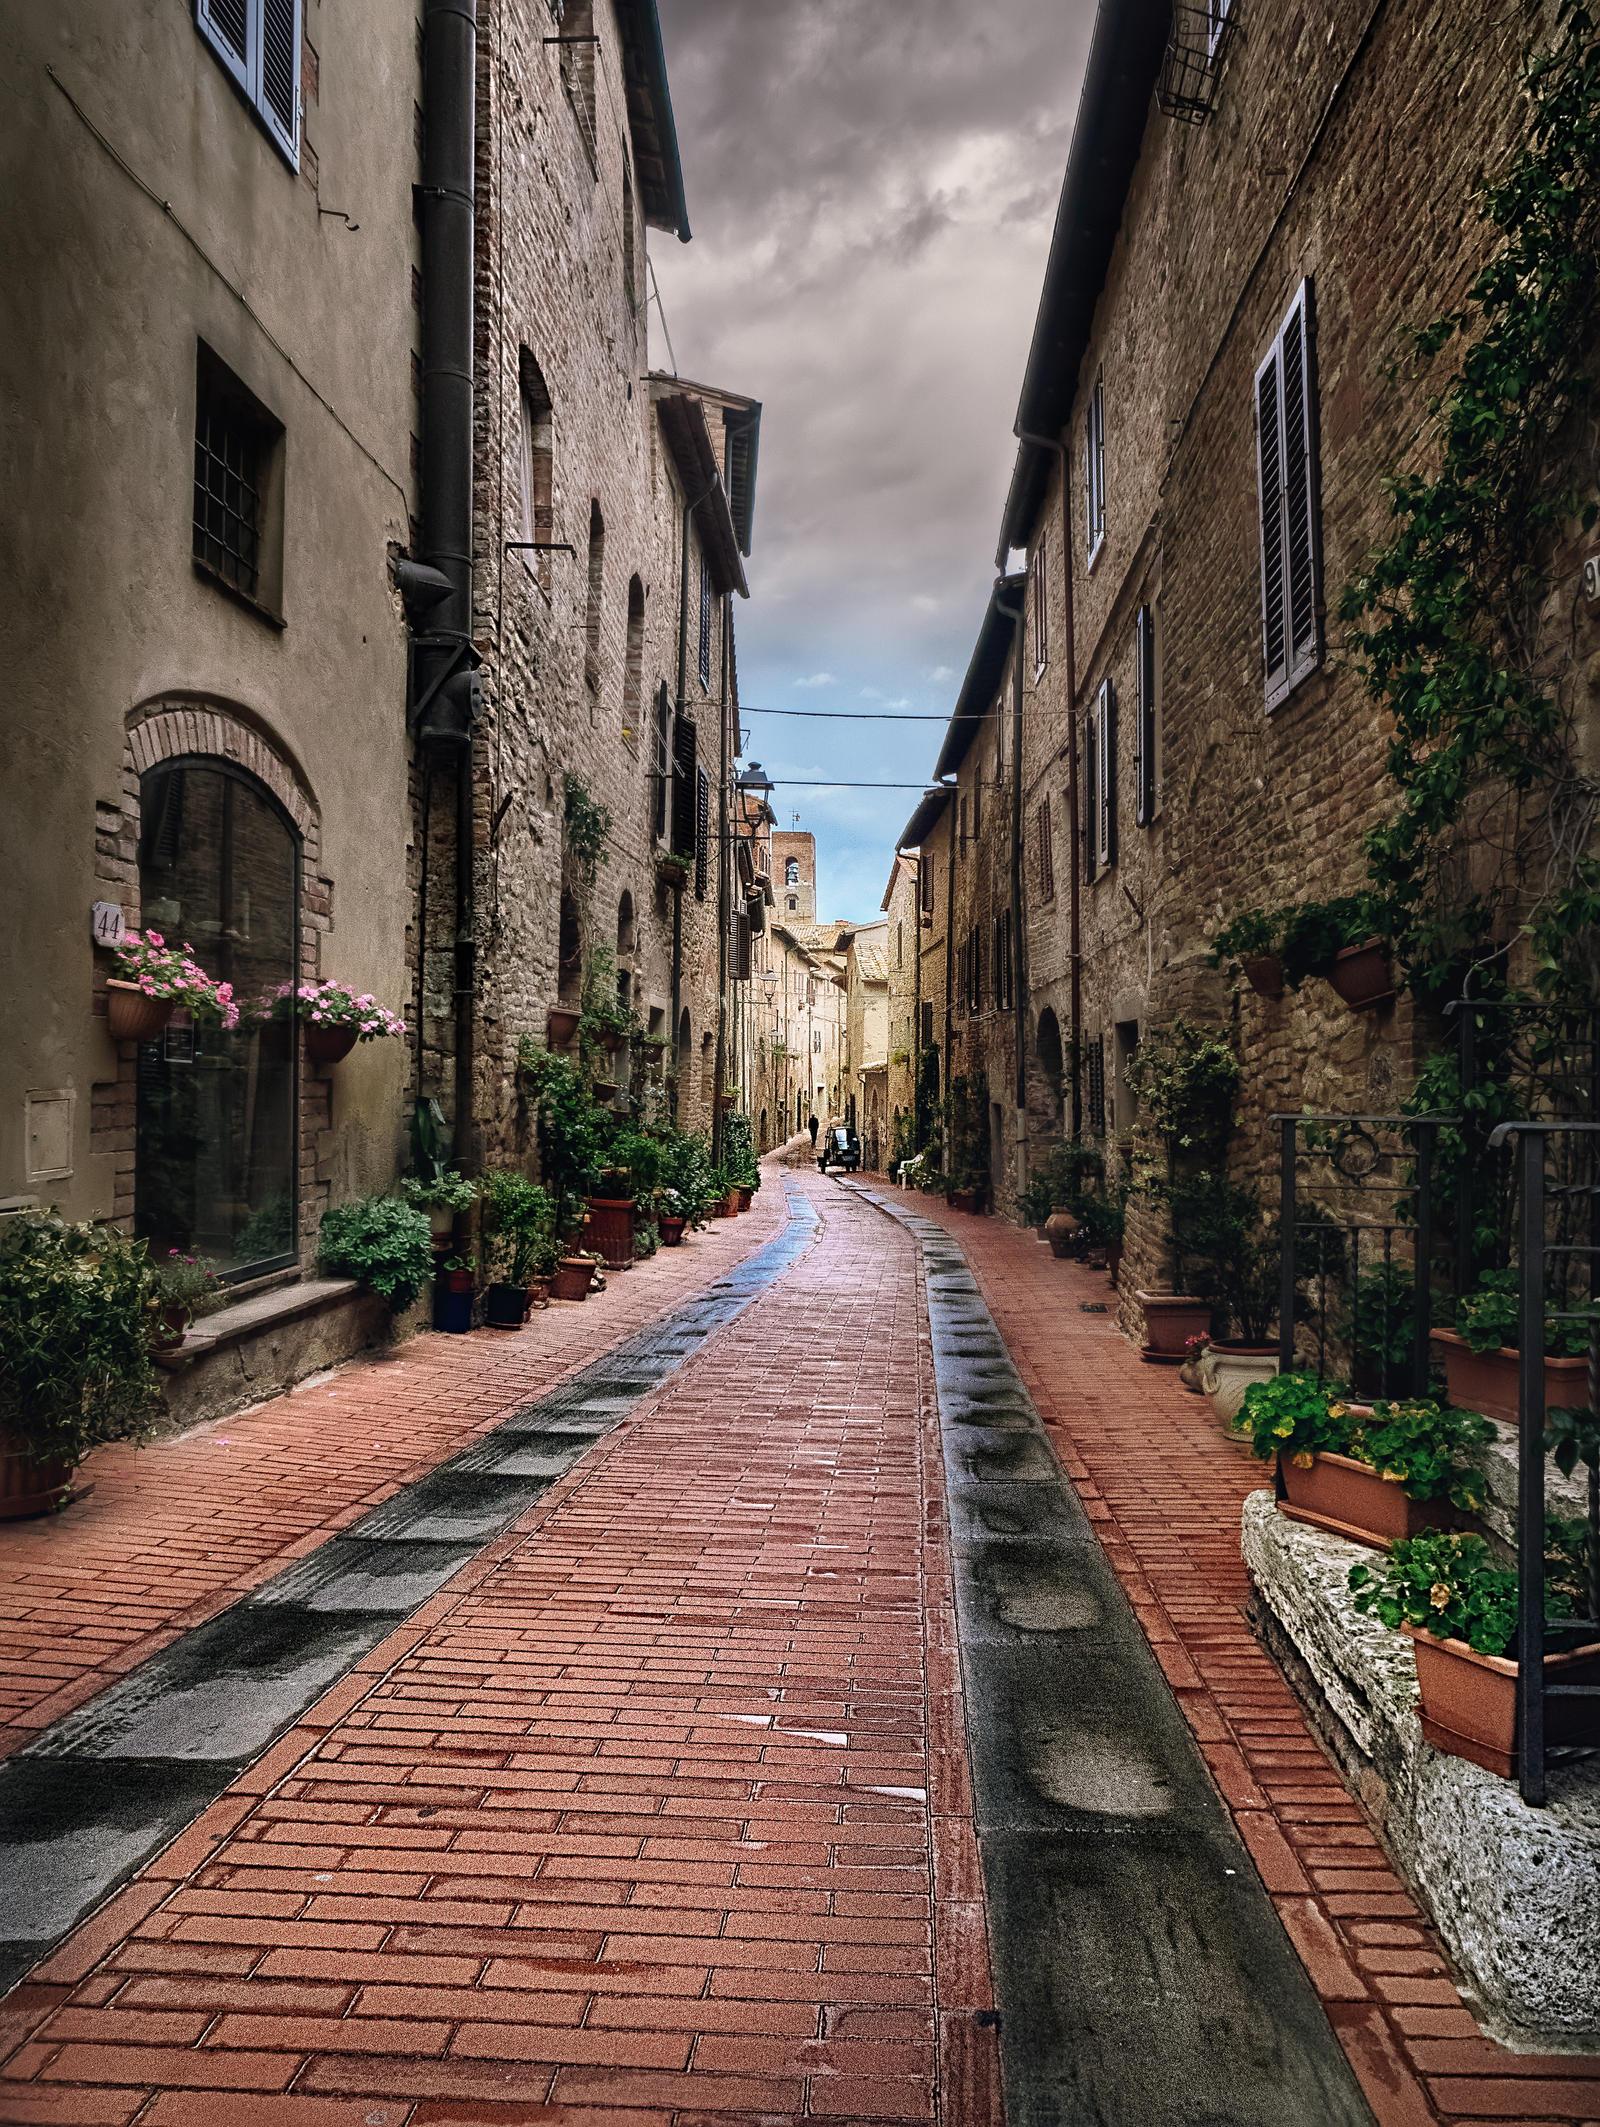 street - Casole d'elsa